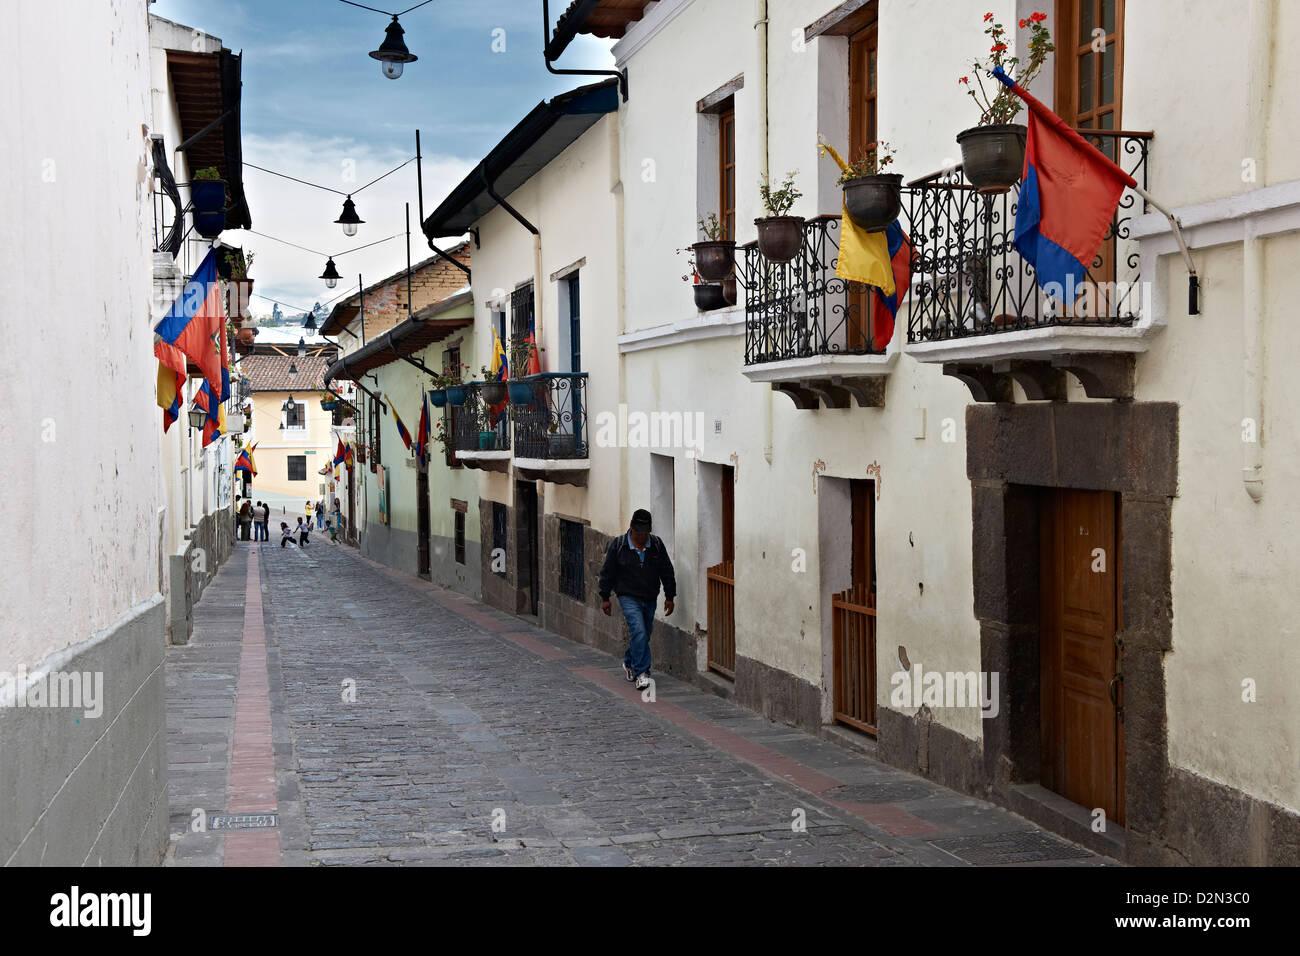 Calle de la Ronda, centro storico di Quito, Ecuador Immagini Stock